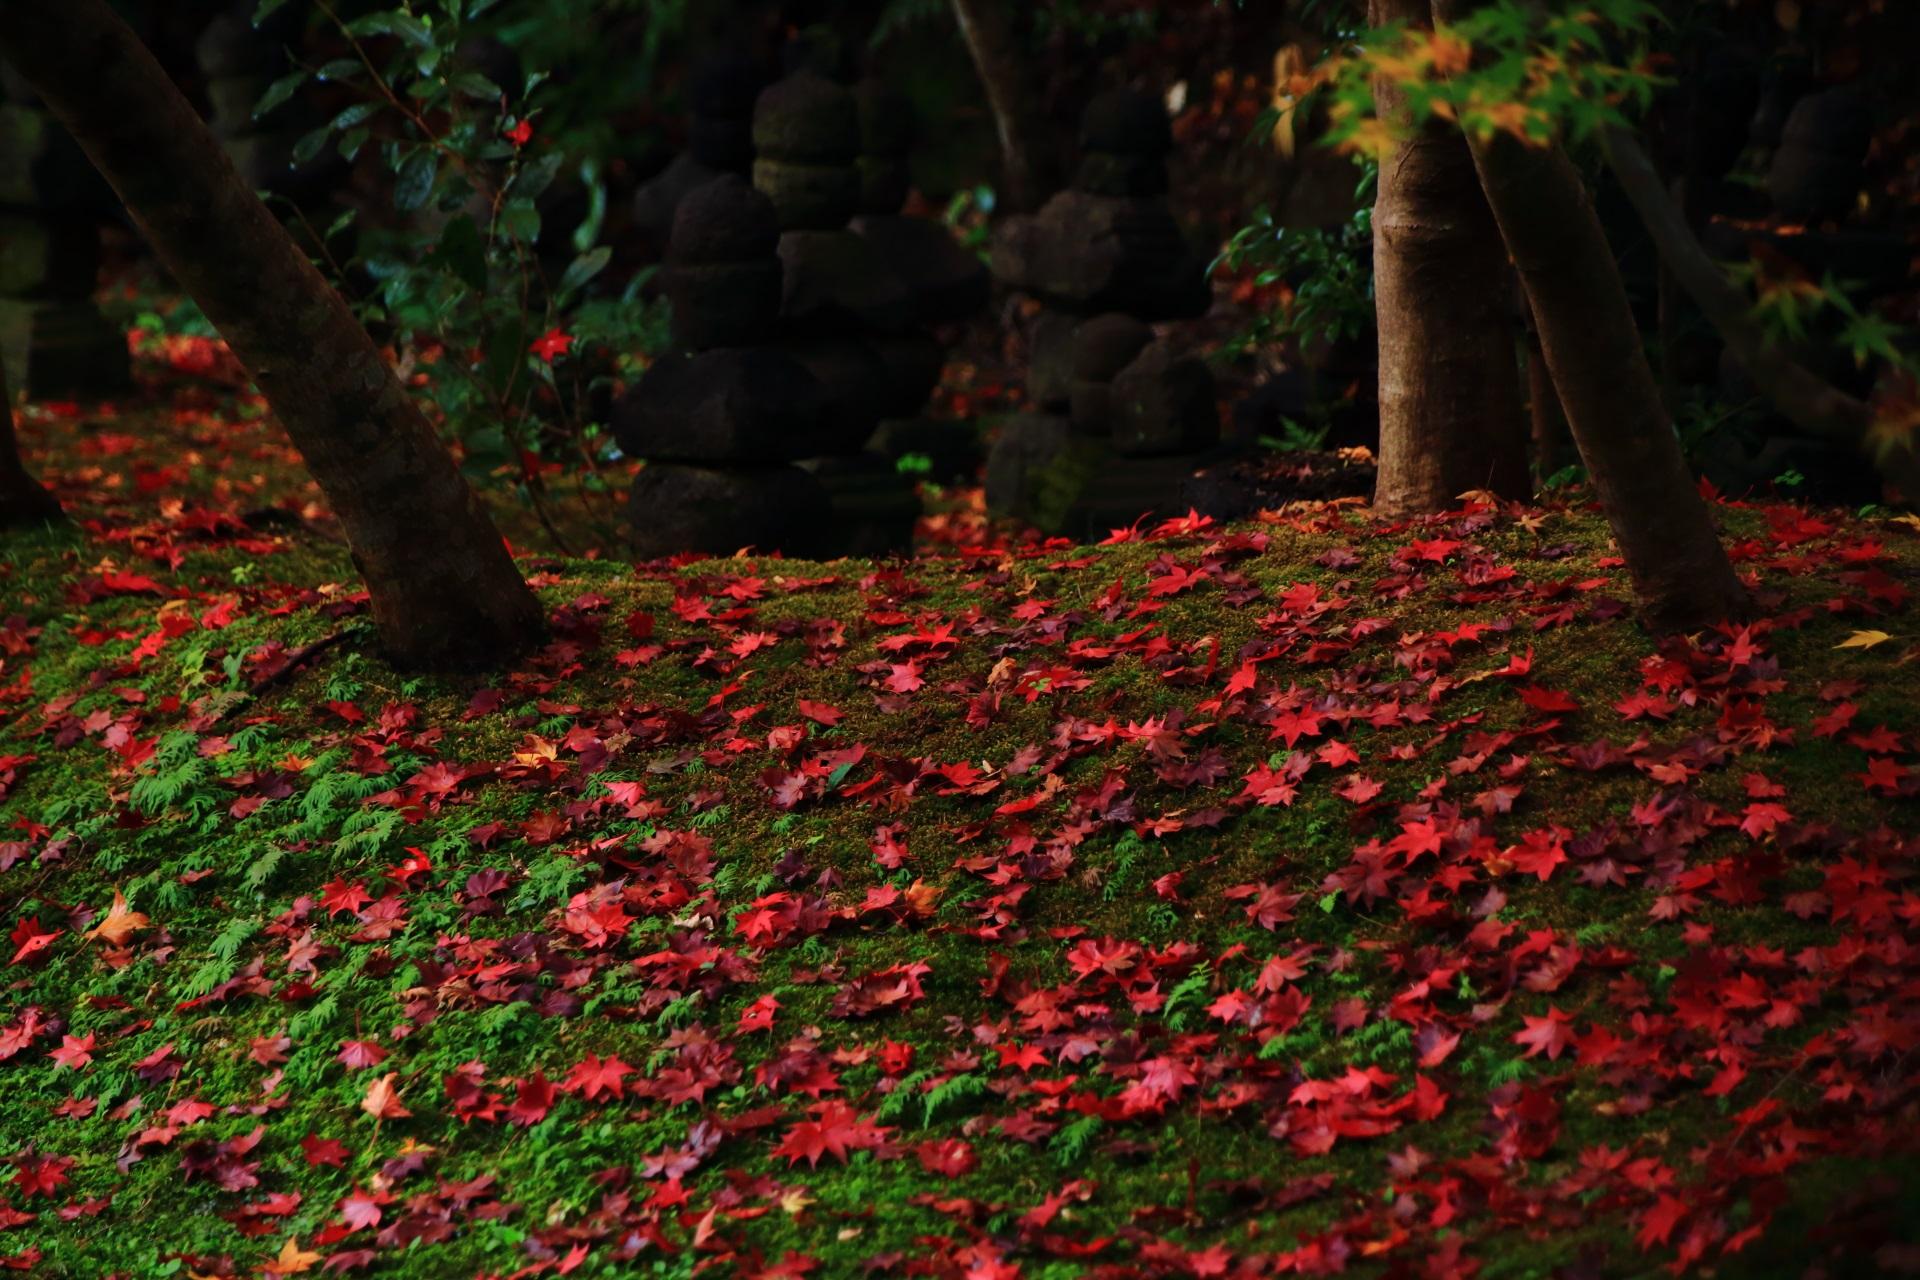 実相院の緑の苔を鮮烈に染める赤い散りもみじ